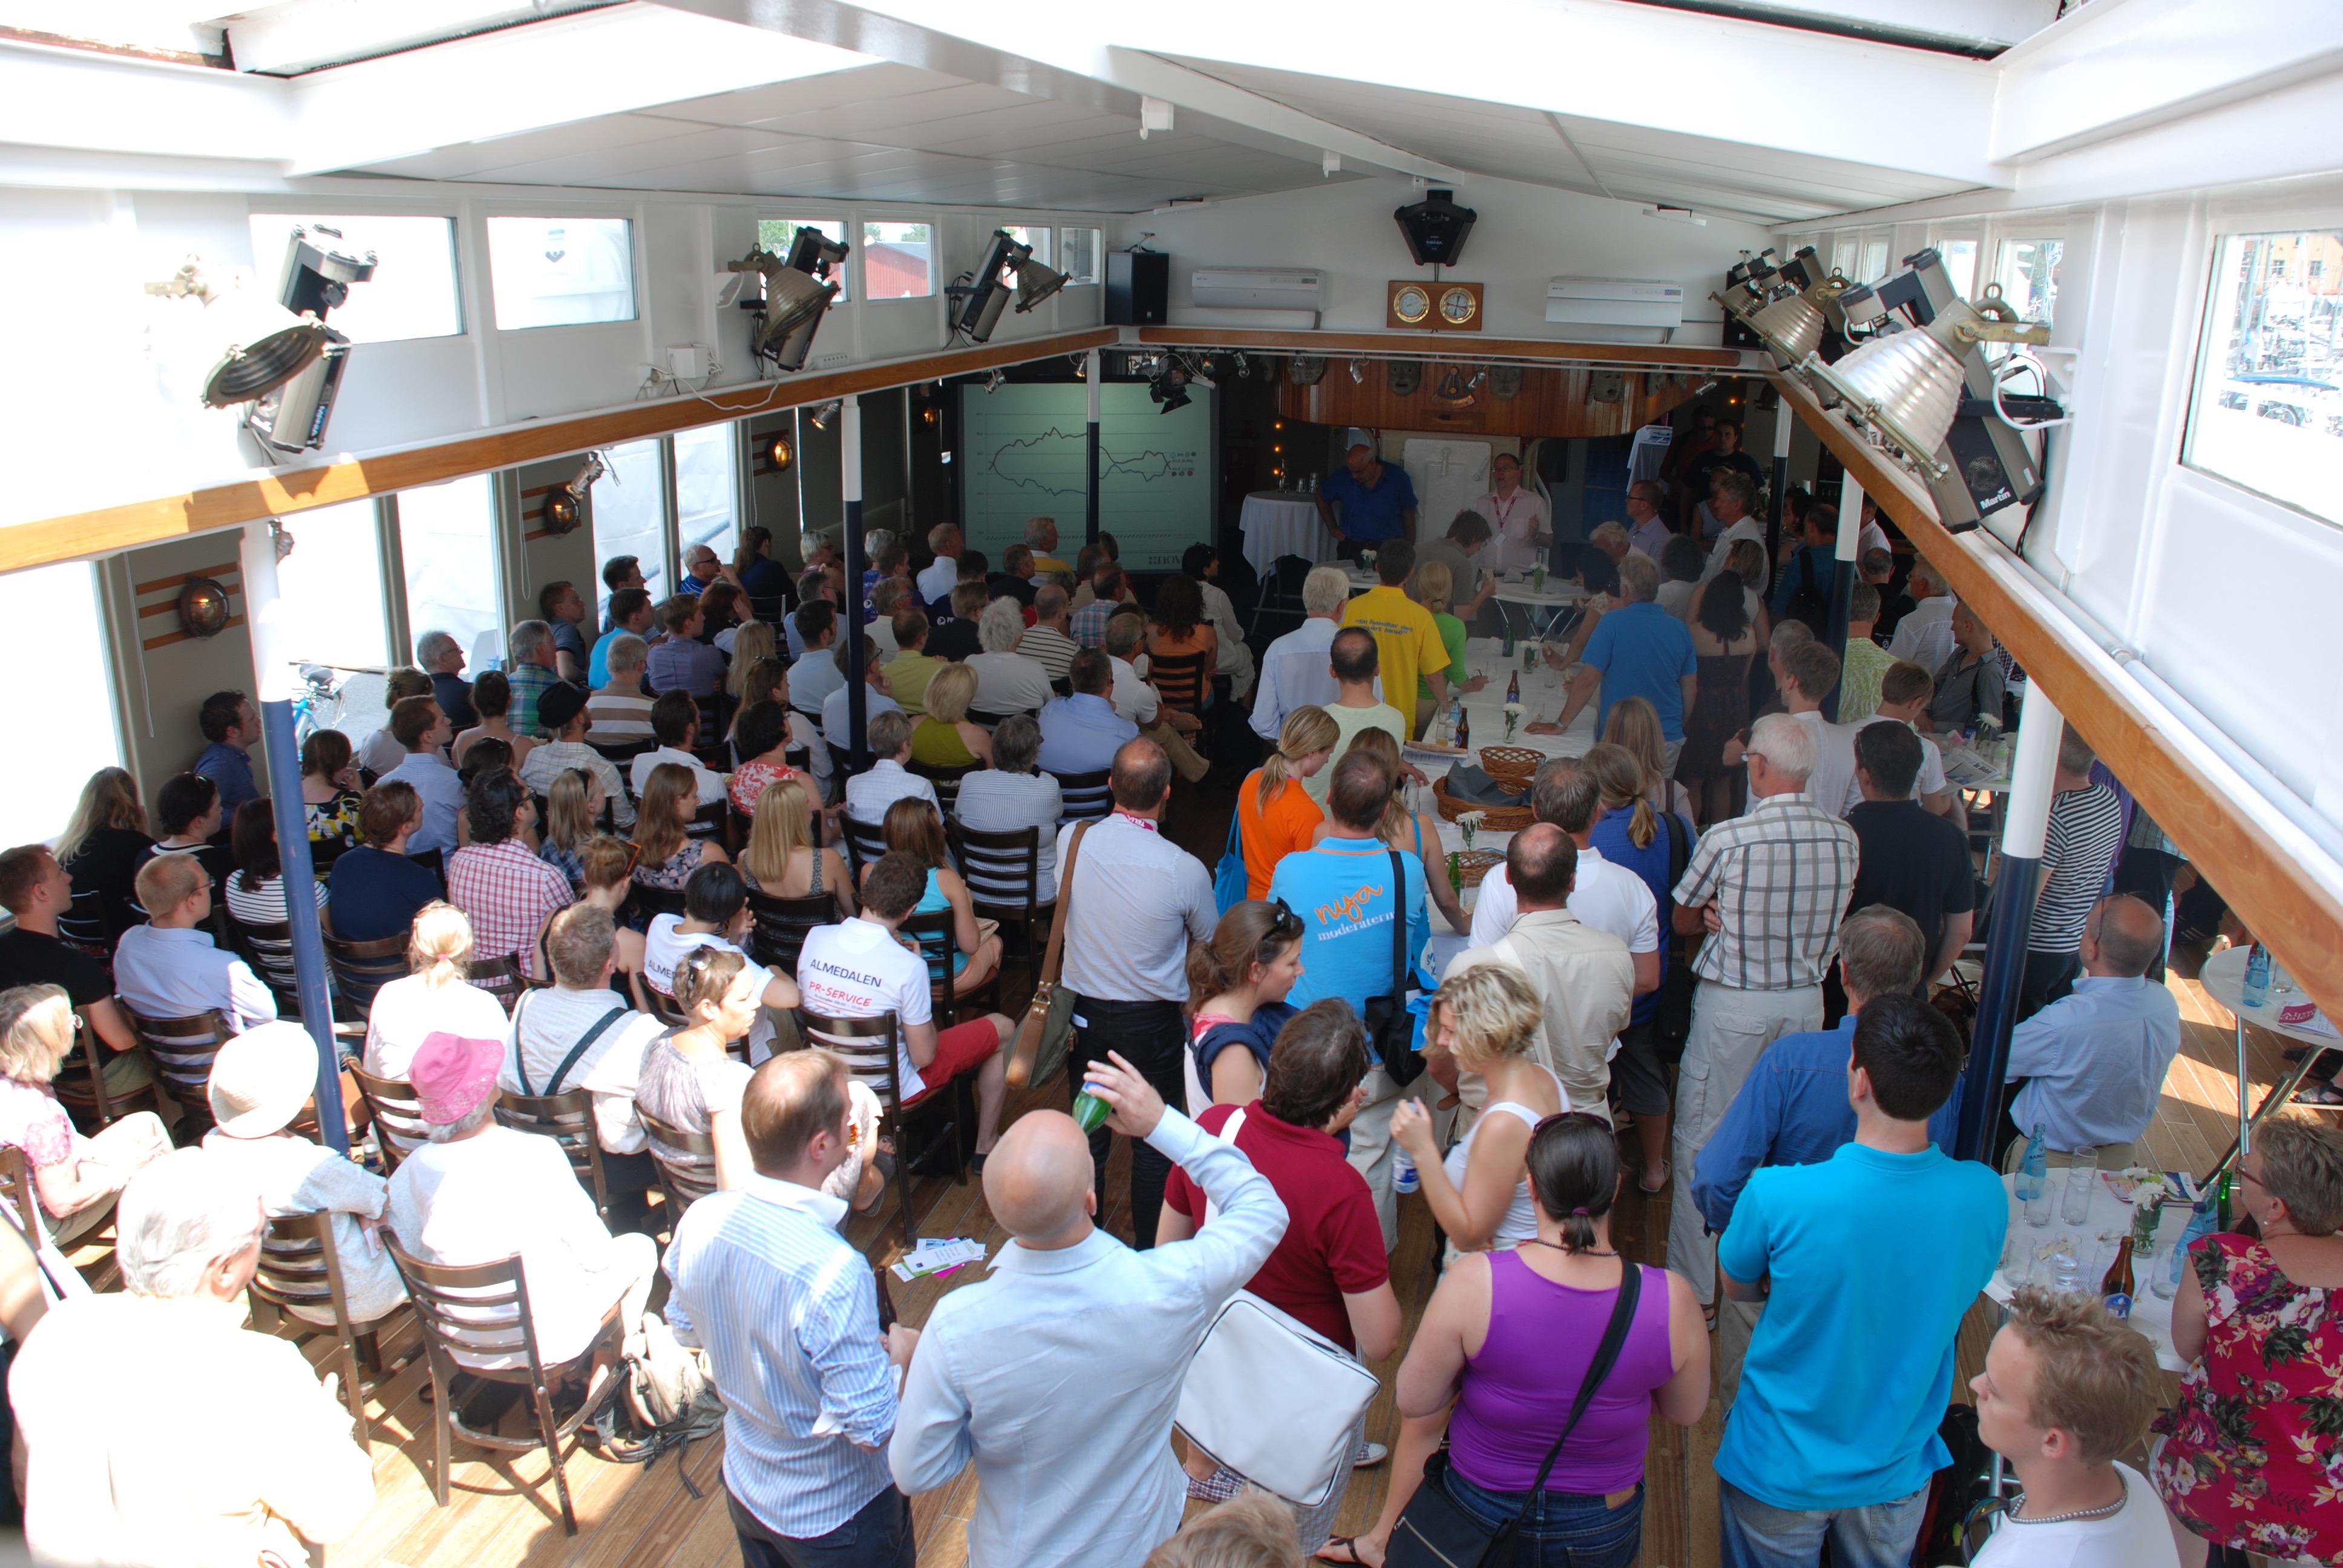 Fullsatt seminarium i stora matsalen